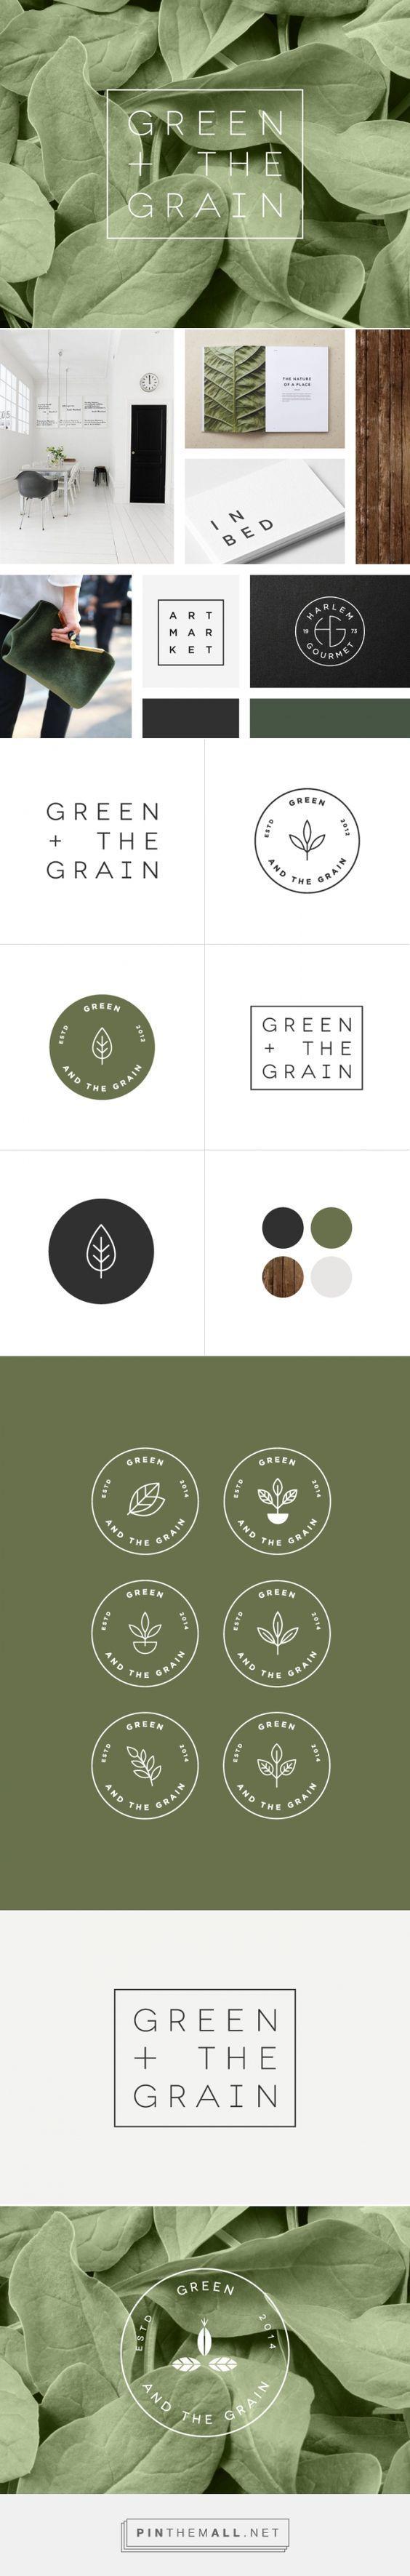 Green & The Grain Branding Fivestar Branding Design